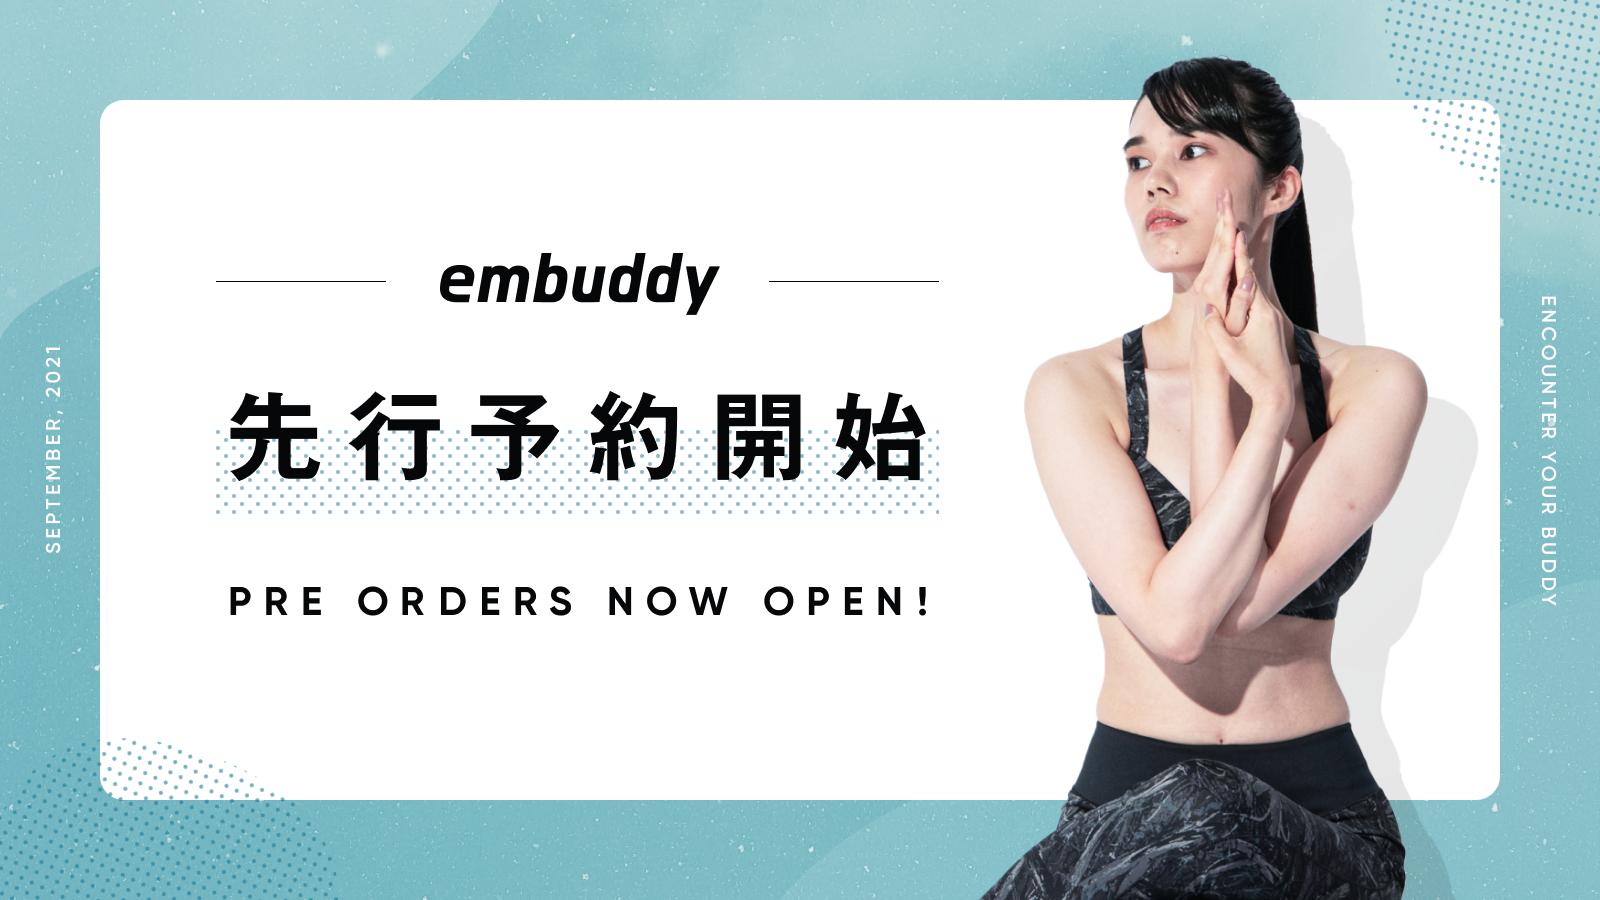 【newn】フィットネス用ミラー型デバイス「embuddy」の先行予約販売を9月16日より開始